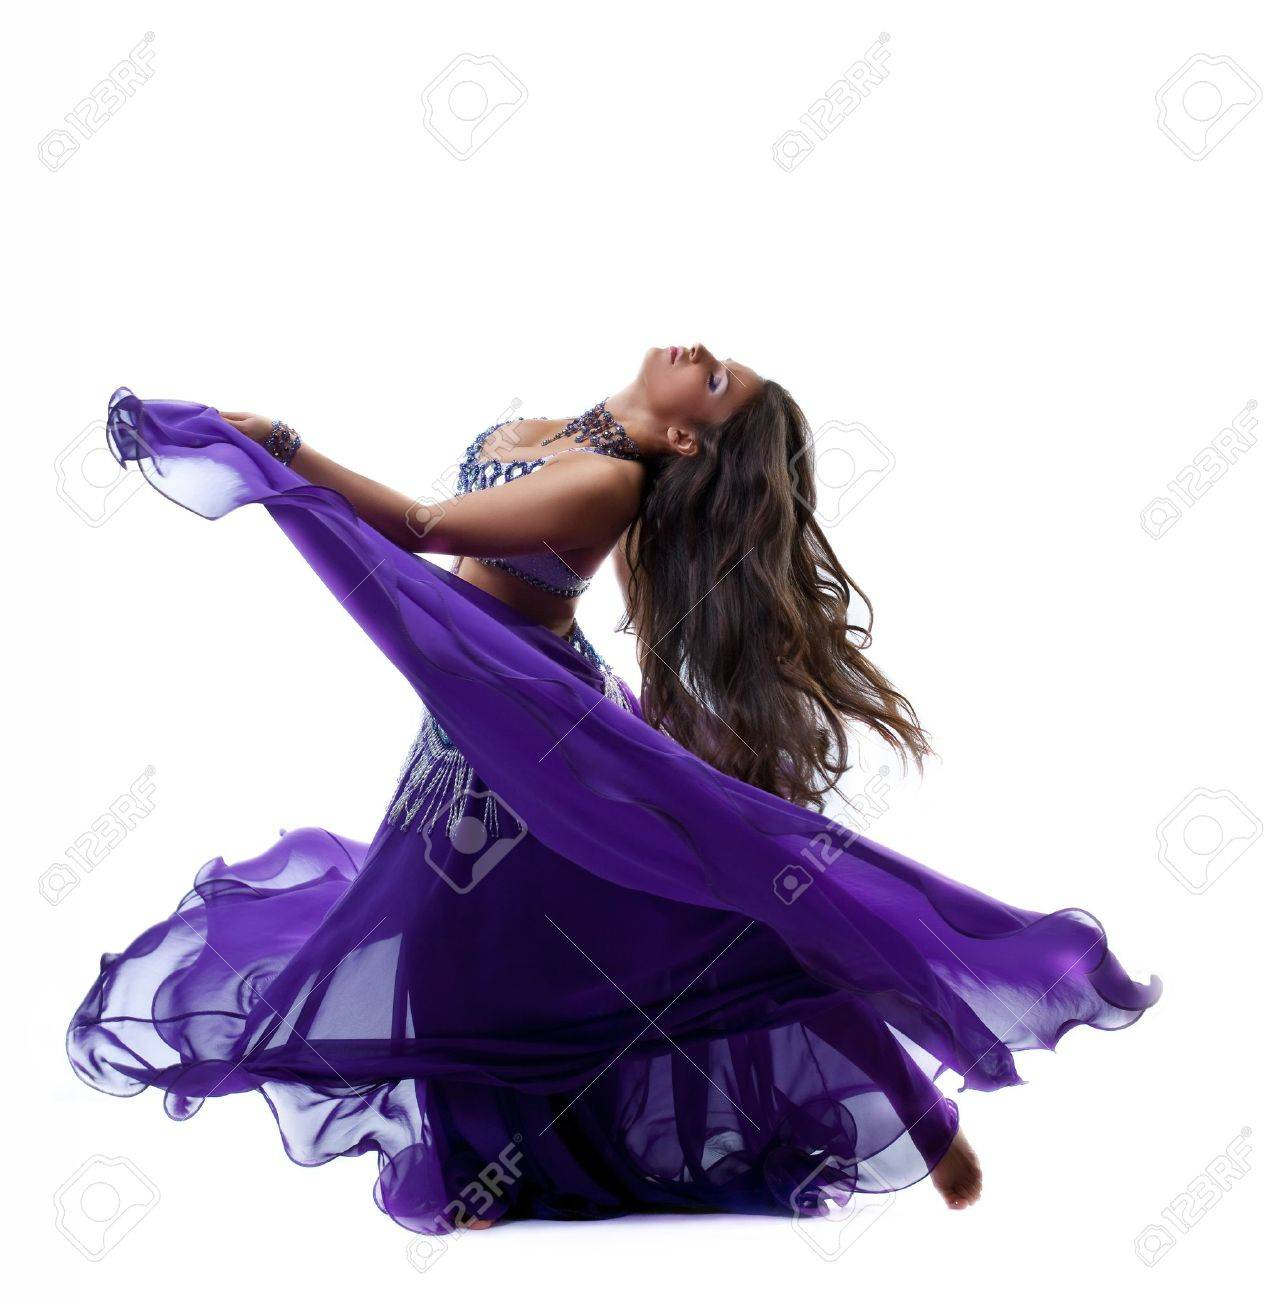 Танцующие молодые девушки 17 фотография